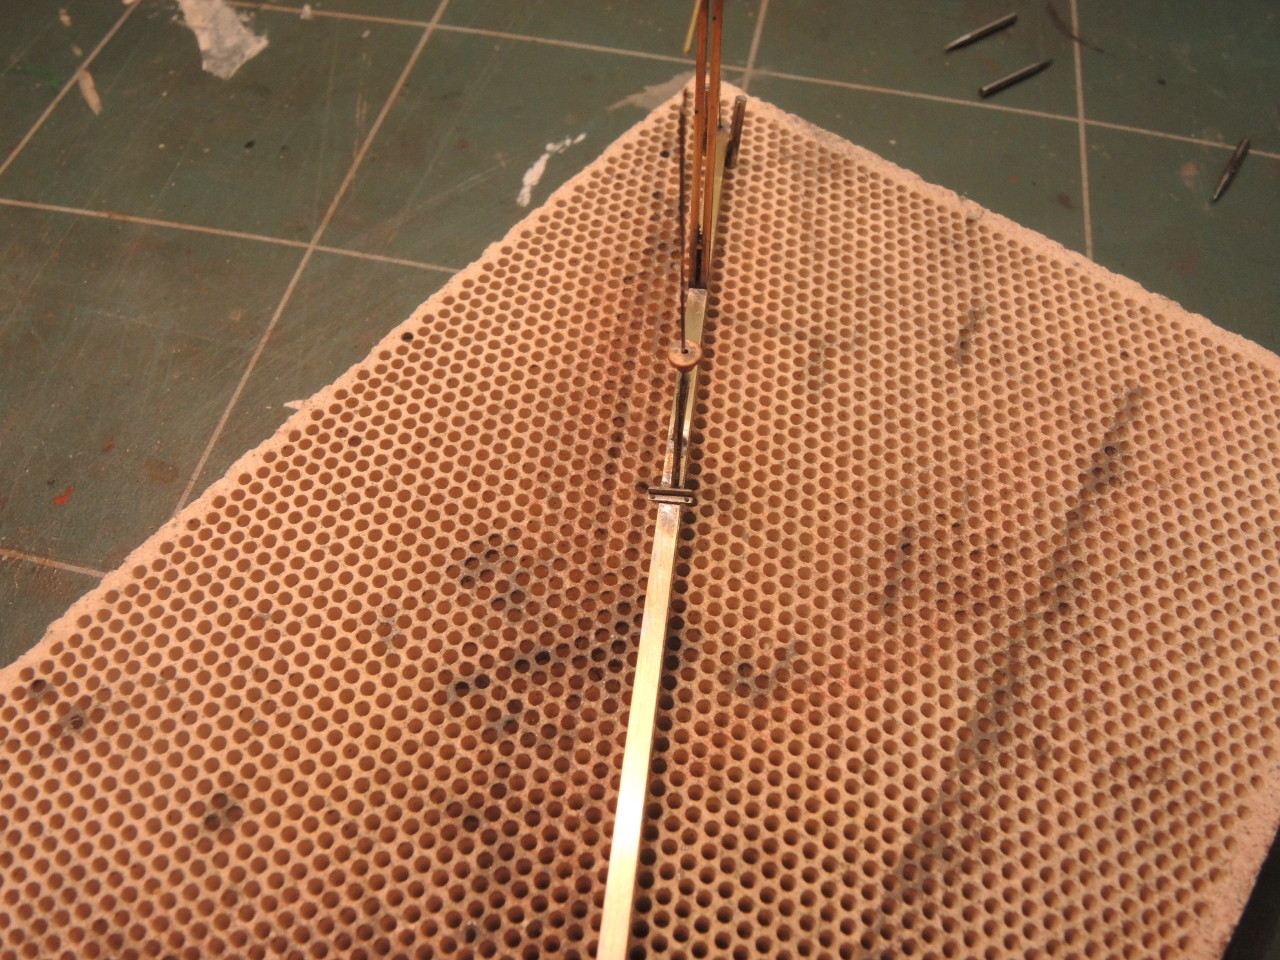 Etamage du mat à la soudure au bismuth (fusion basse à 145°C ), une tête d'épingle suffit, et soudure de l'équerre en tenant celle-ci avec des pinces brucelles recourbées et fines.